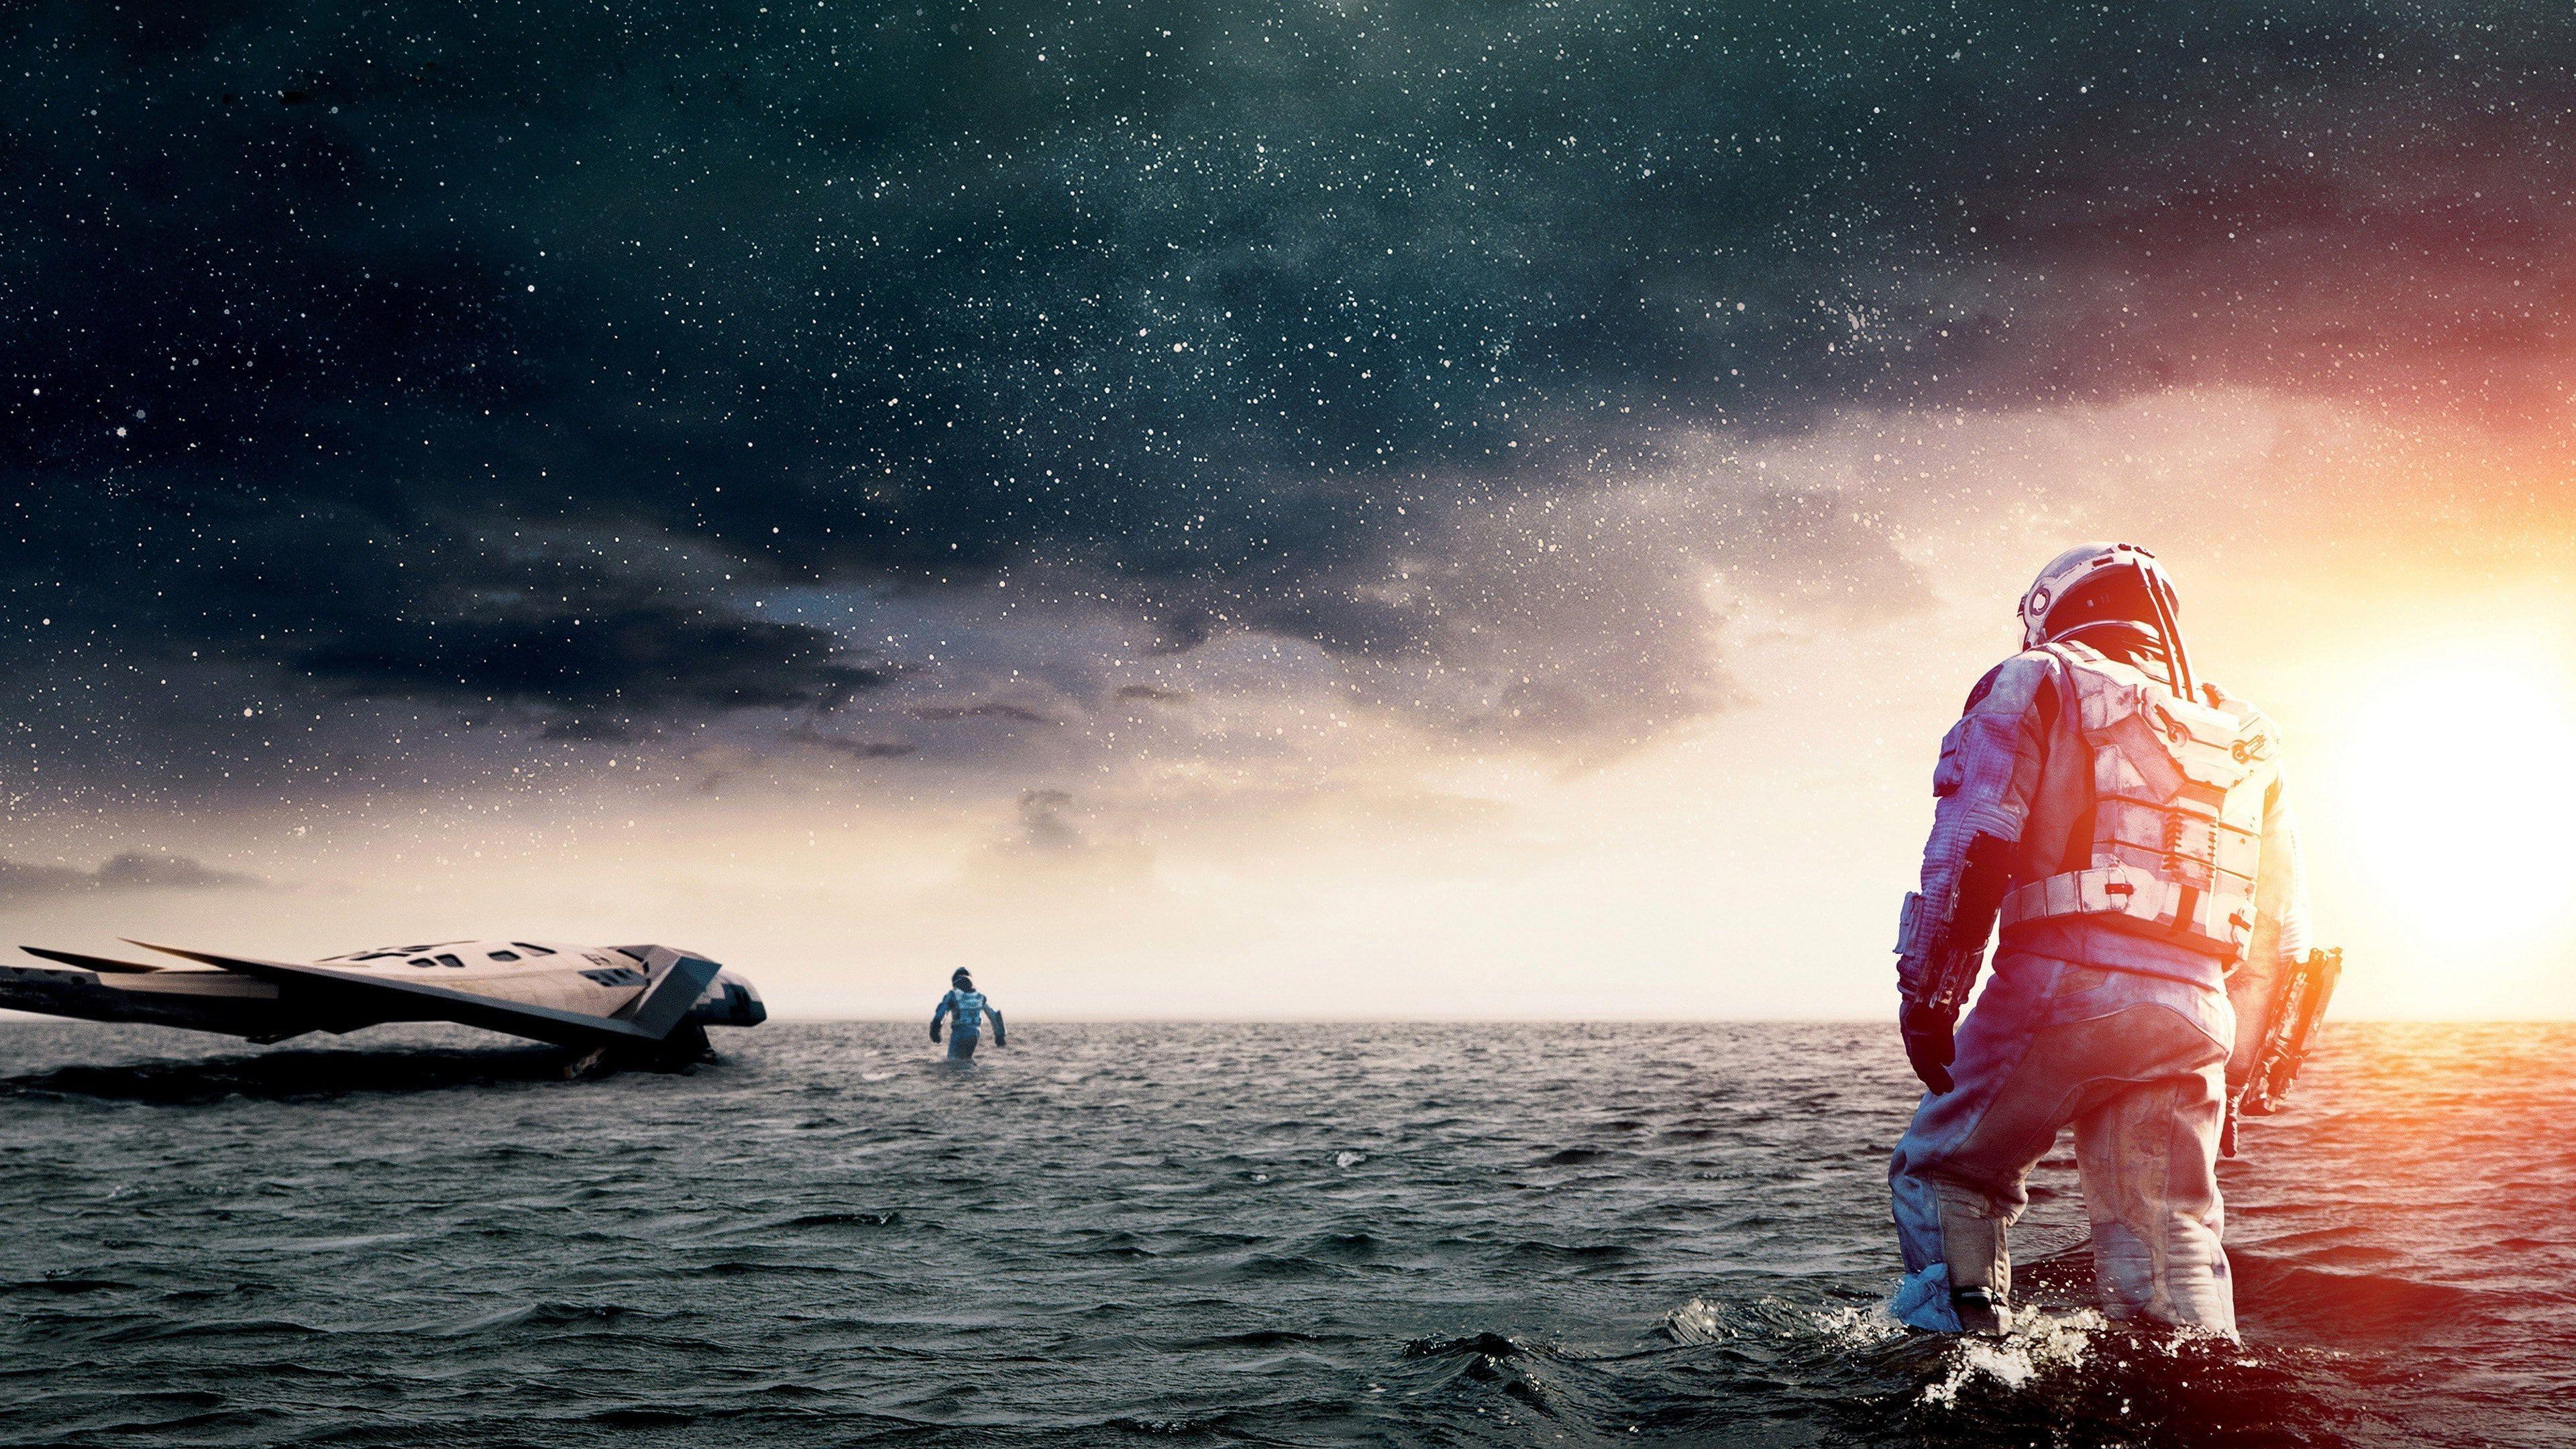 Interstellar Movie Movies Astronaut Sea 4k Wallpaper Hdwallpaper Desktop Interstellar Interstellar Movie World Movies